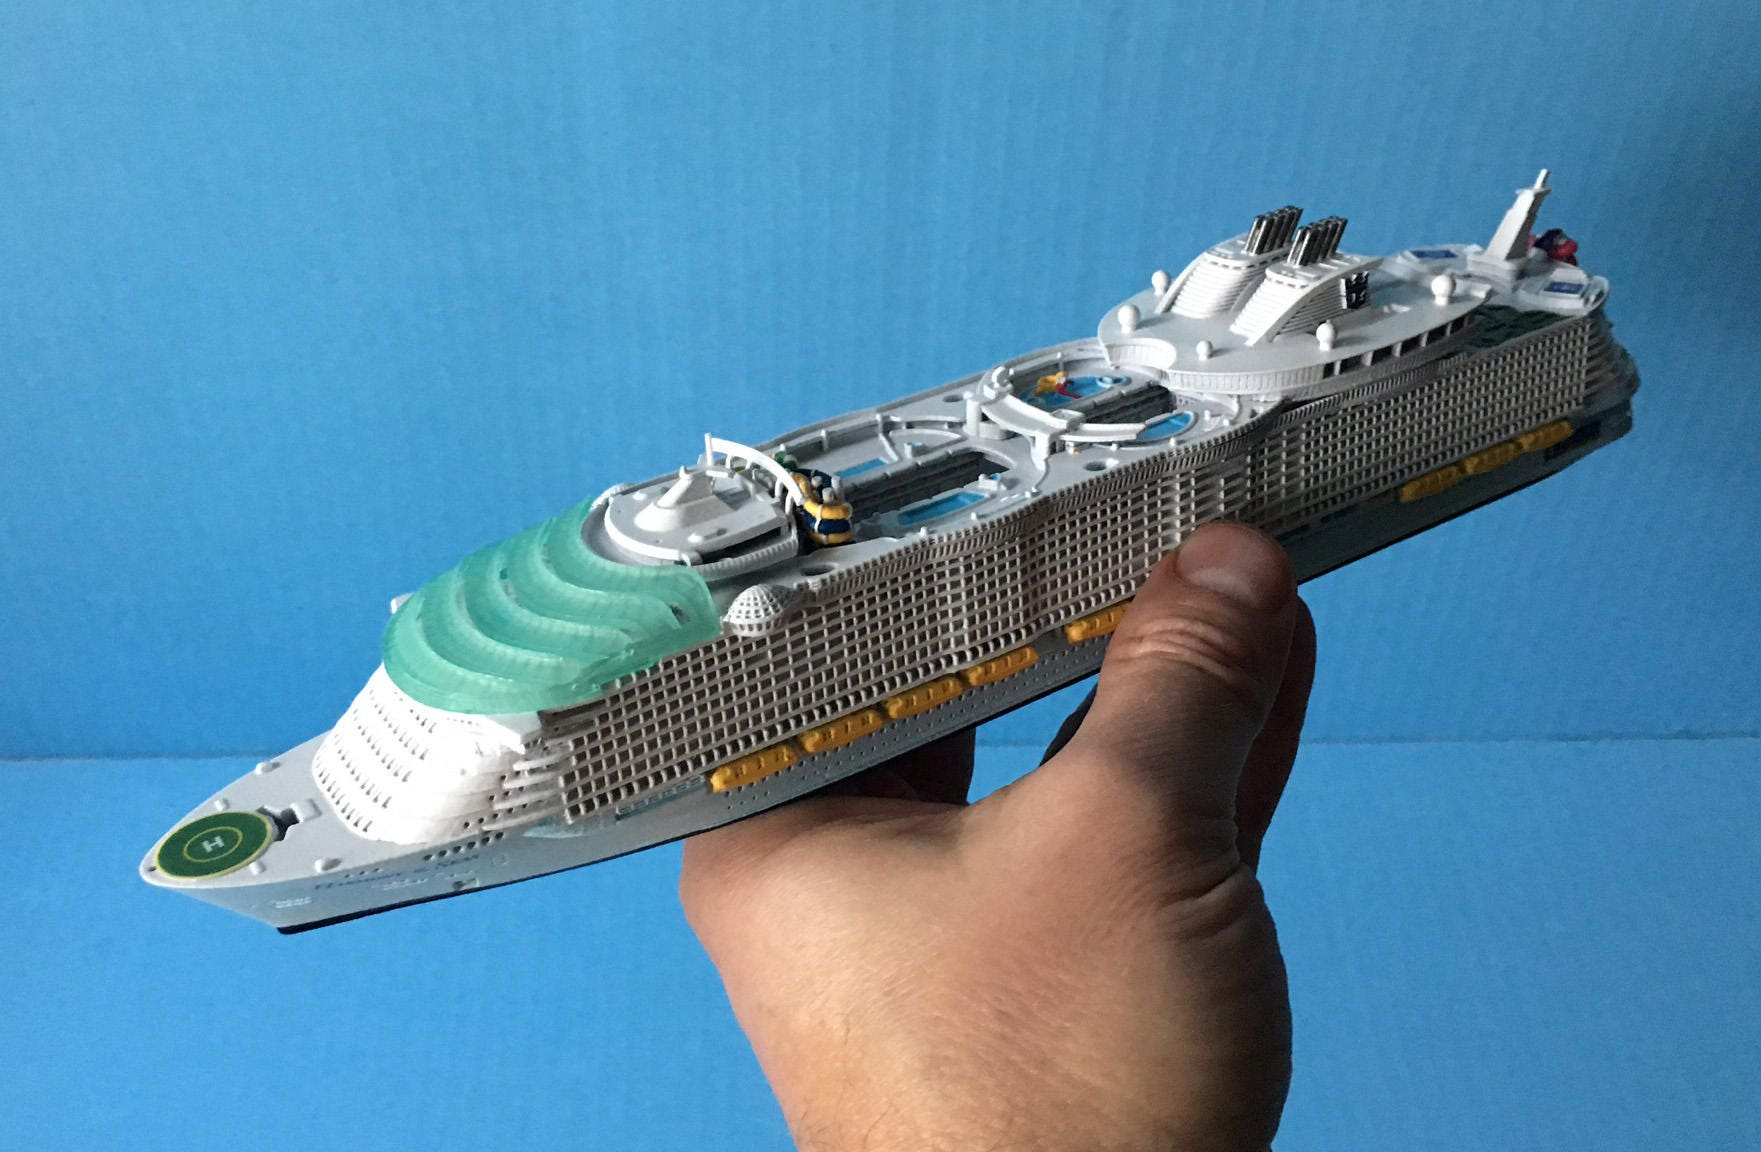 Modell Kreuzfahrtschiff Harmonie der Meere 1:1250 Skala